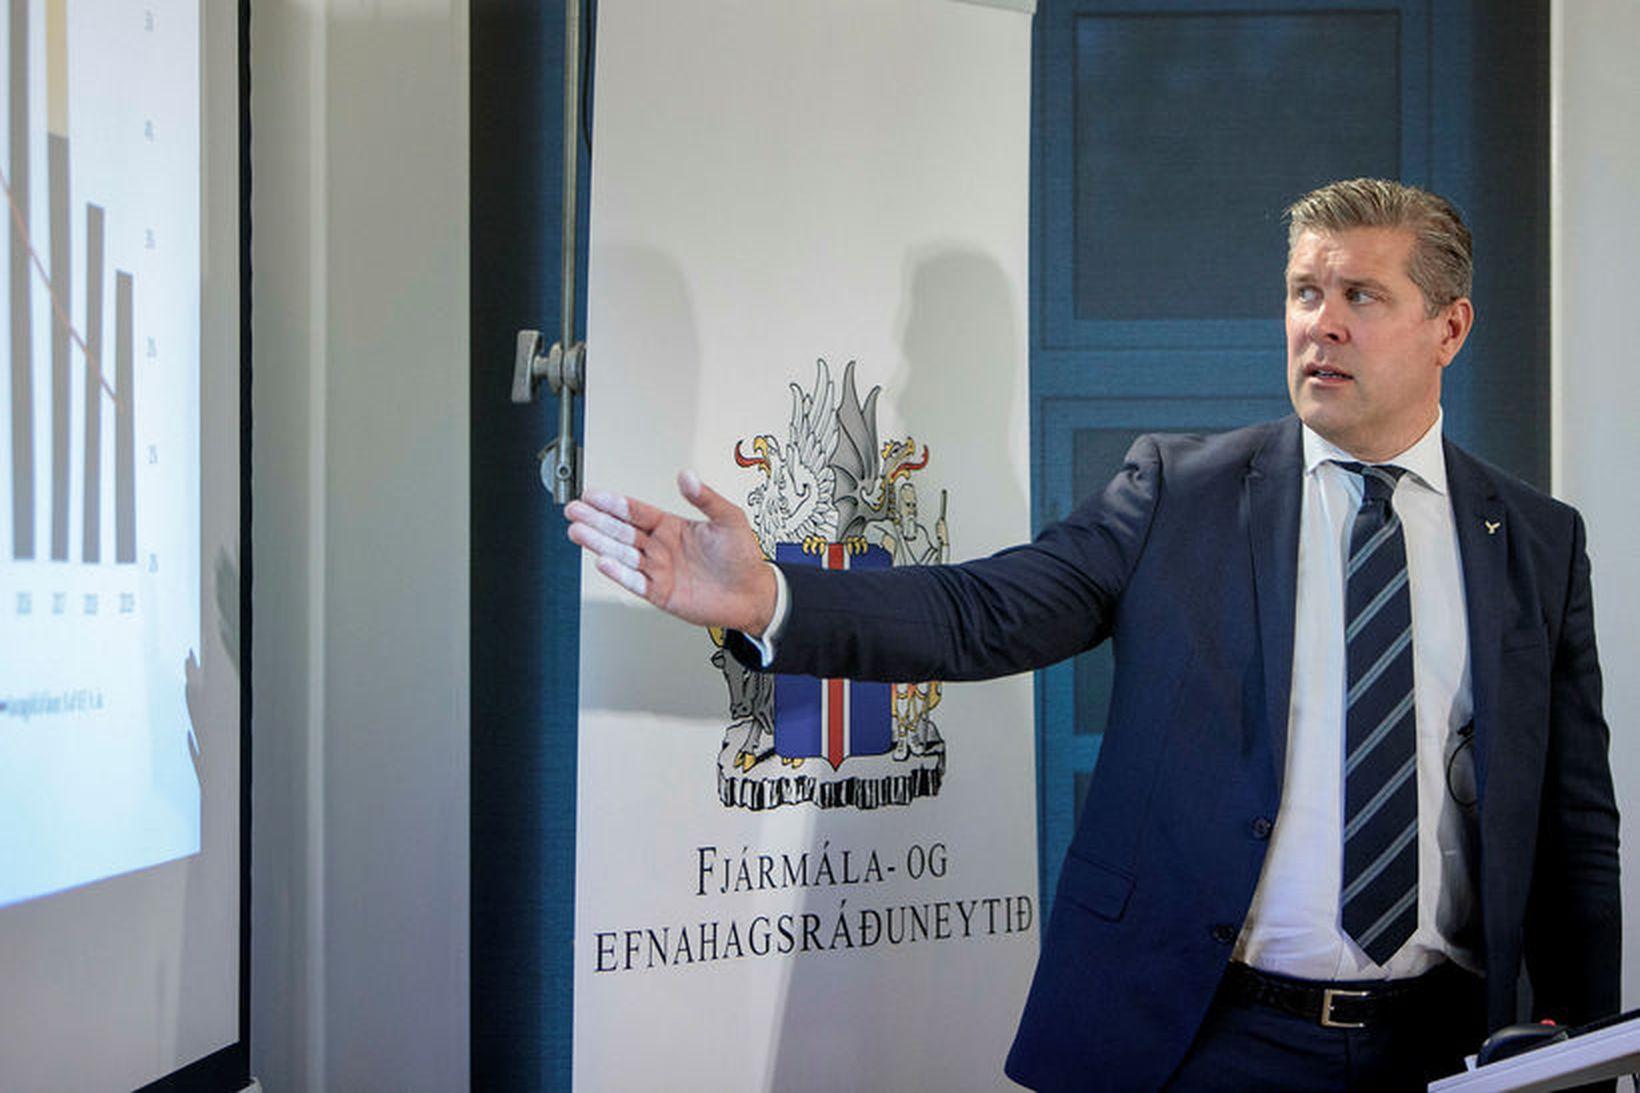 Samkvæmt tillögum ríkisstjórnarinnar um skattkerfisbreytingar, sem Bjarni Benediktsson fjármálaráðherra kynnti …